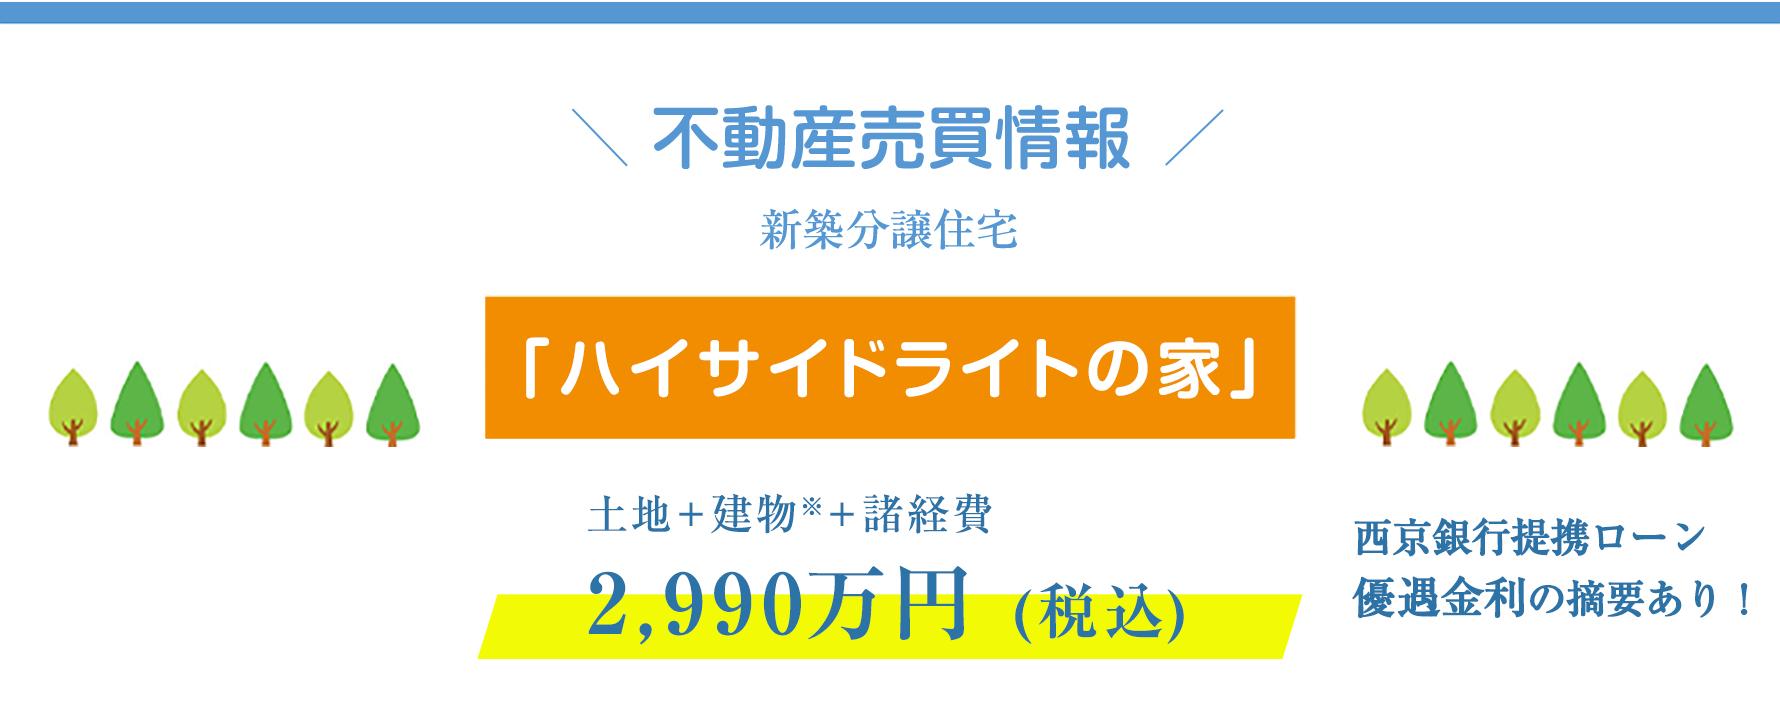 モデルハウス「ハイサイドライトの家」特別価格2,990万円(税込)!